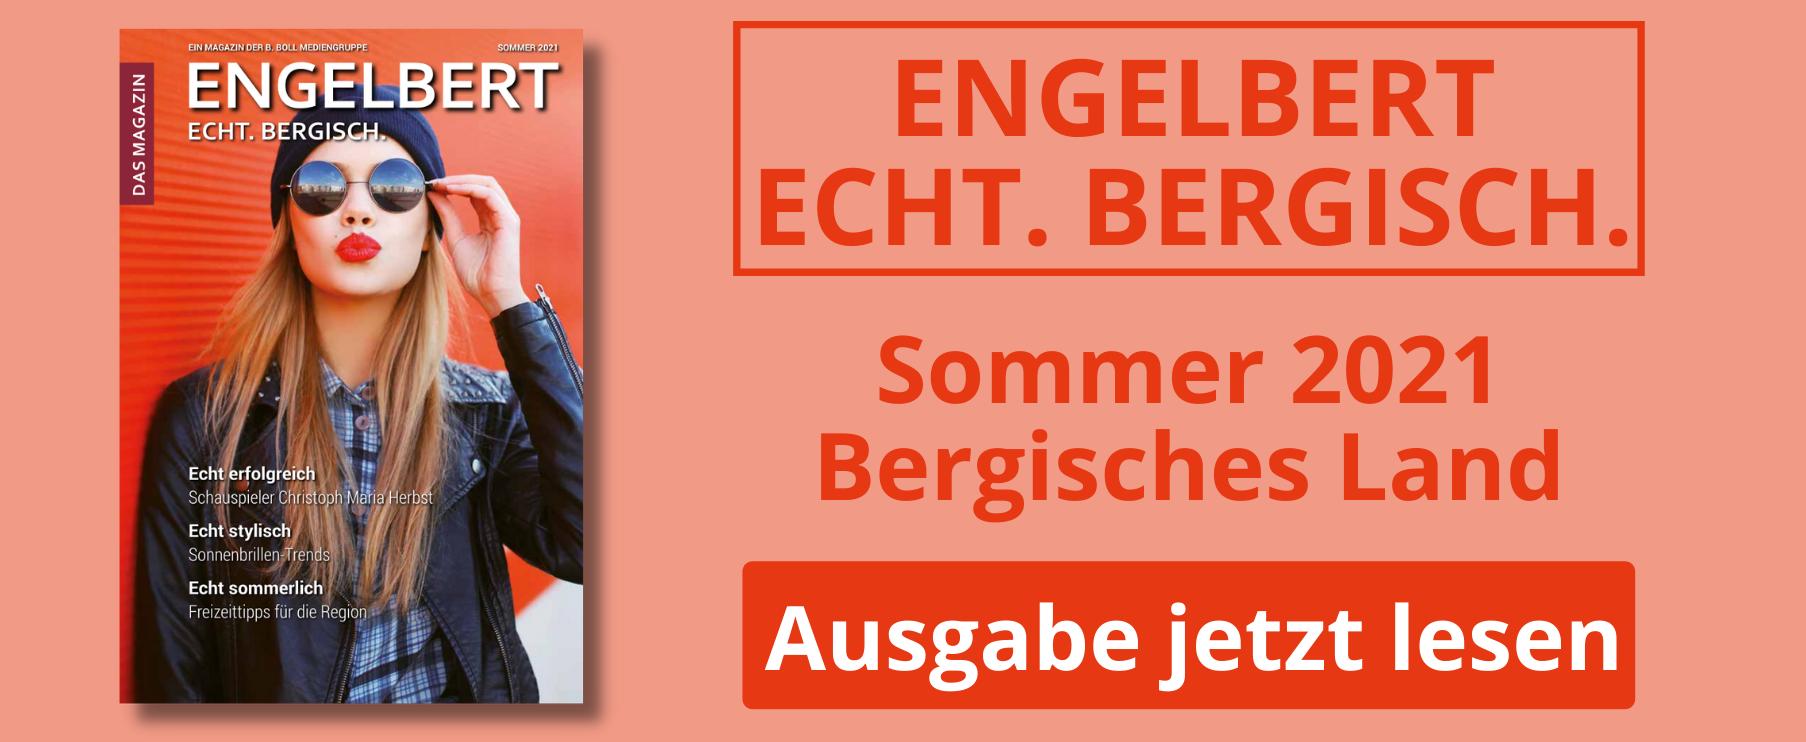 Engelbert Sommer 2021 jetzt lesen